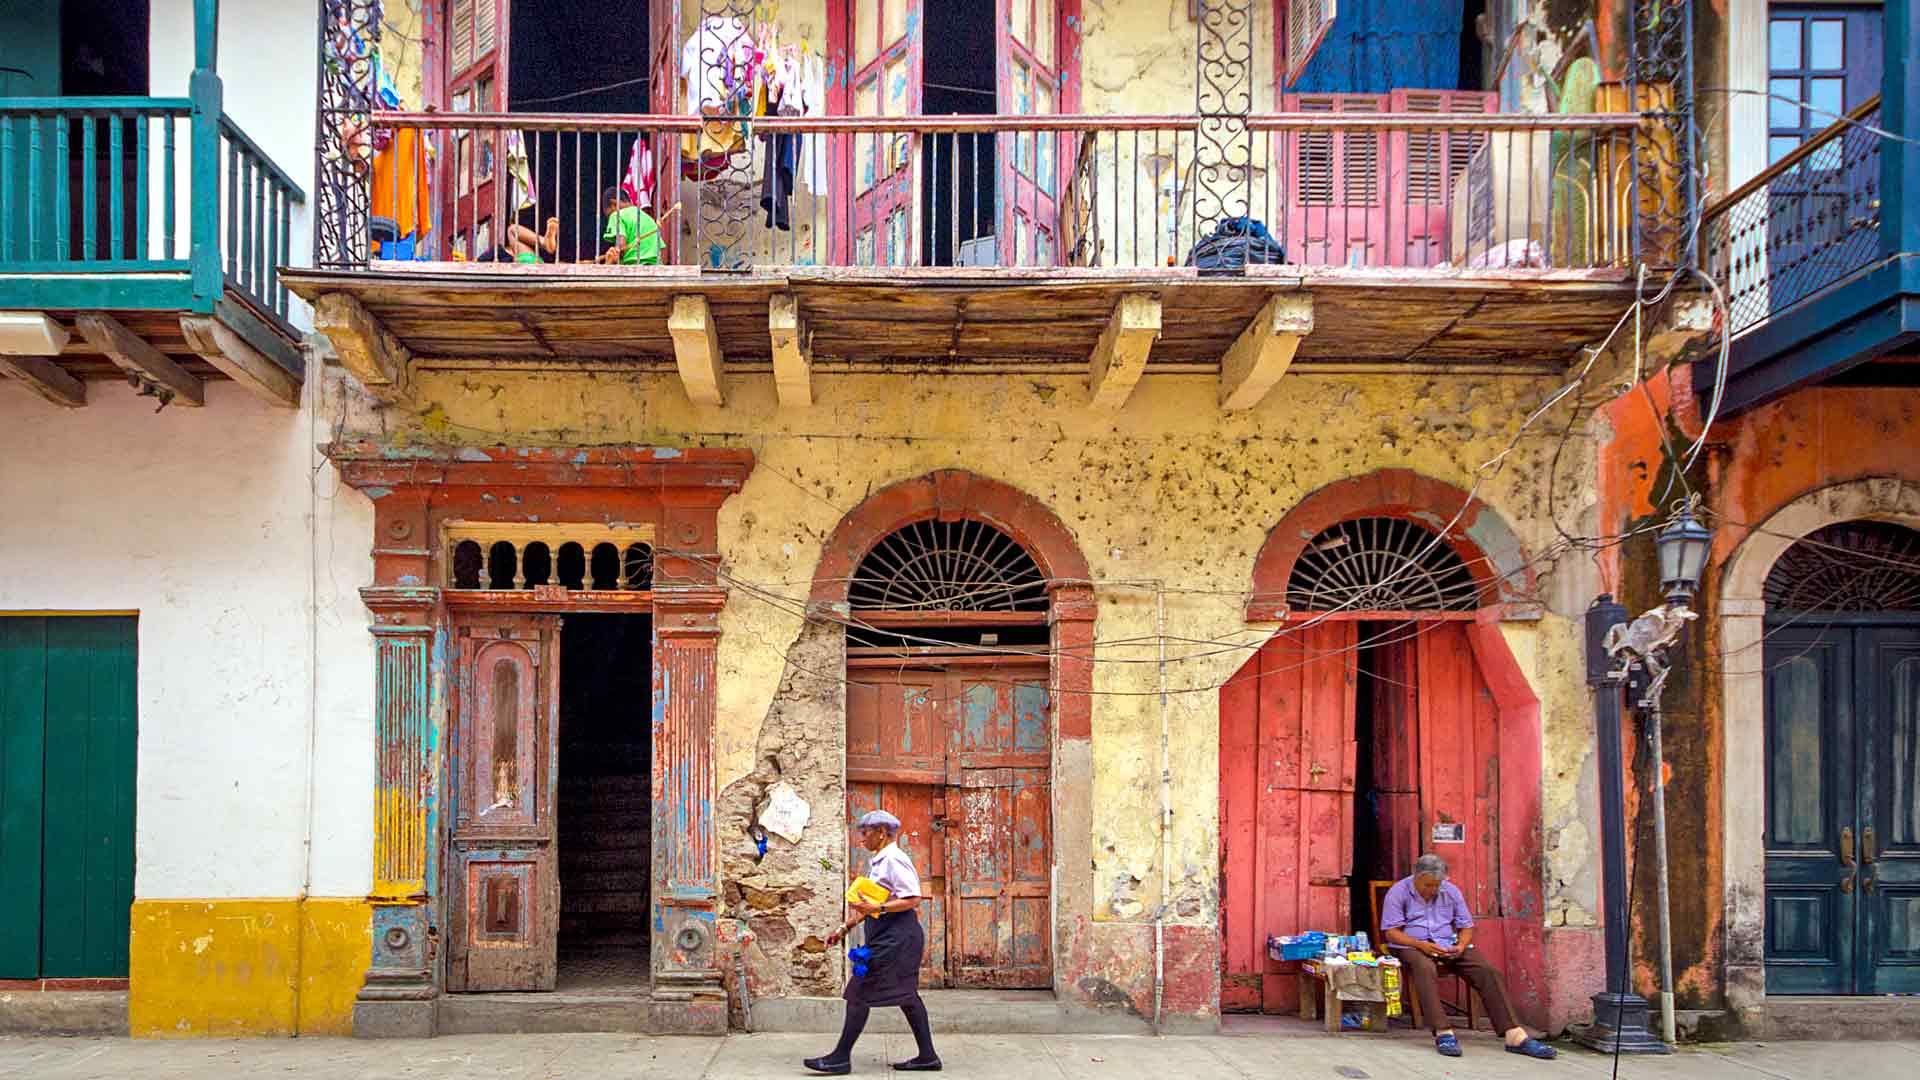 Casco Viejossa voi aistia espanjalaistyylistä siirtomaa-ajan tunnelmaa. Rakennusten pastellinsävyiset julkisivut tarjoavat silmänruokaa ohikulkijalle.